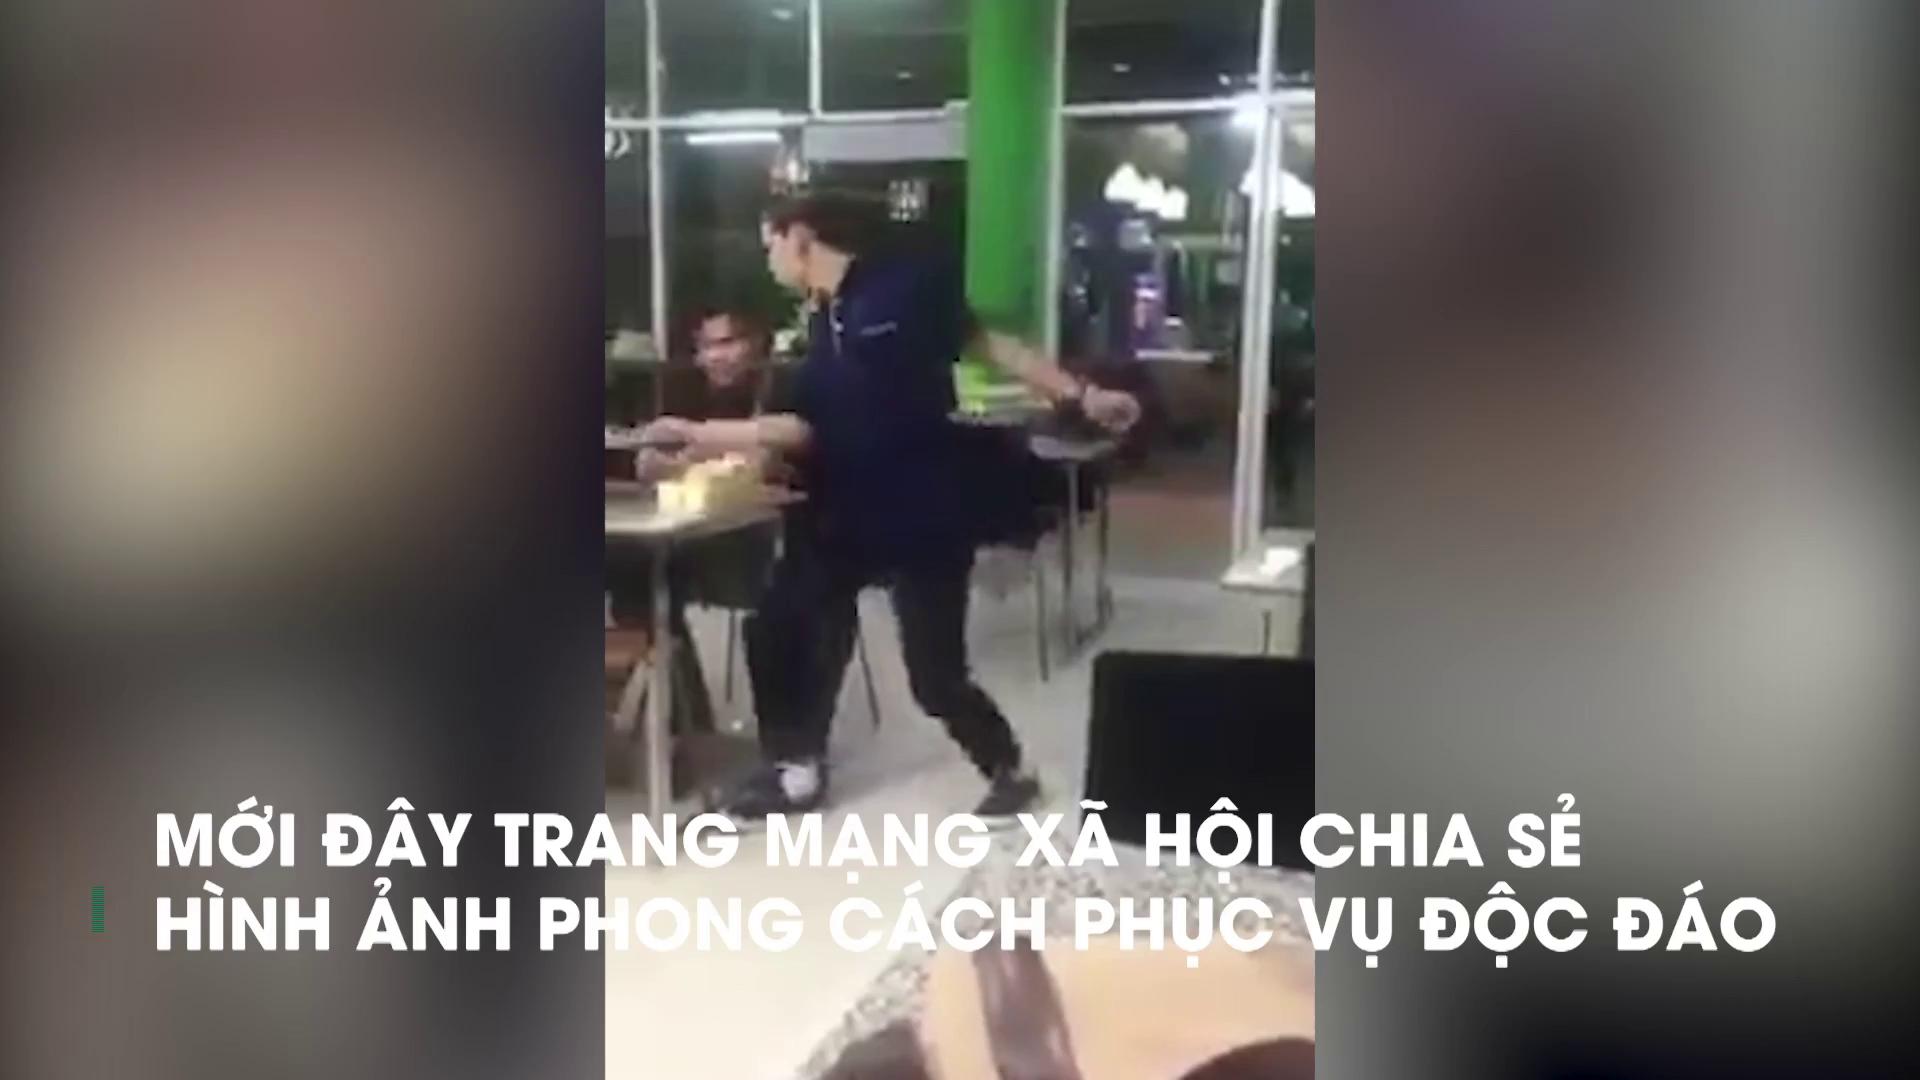 Nam nhân viên vừa nhảy vừa ghi thực đơn cho khách thu hút cộng đồng mạng